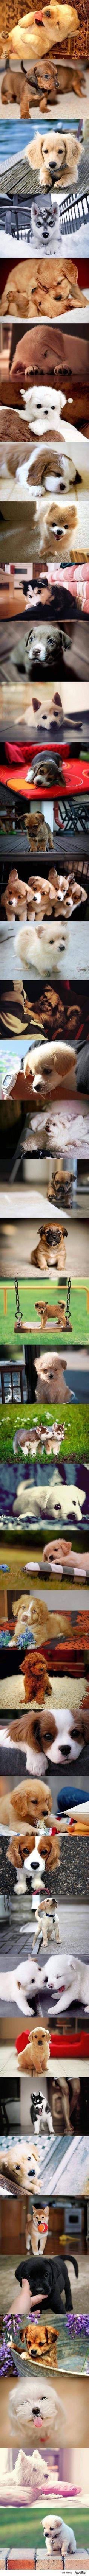 puppy puppy puppies!